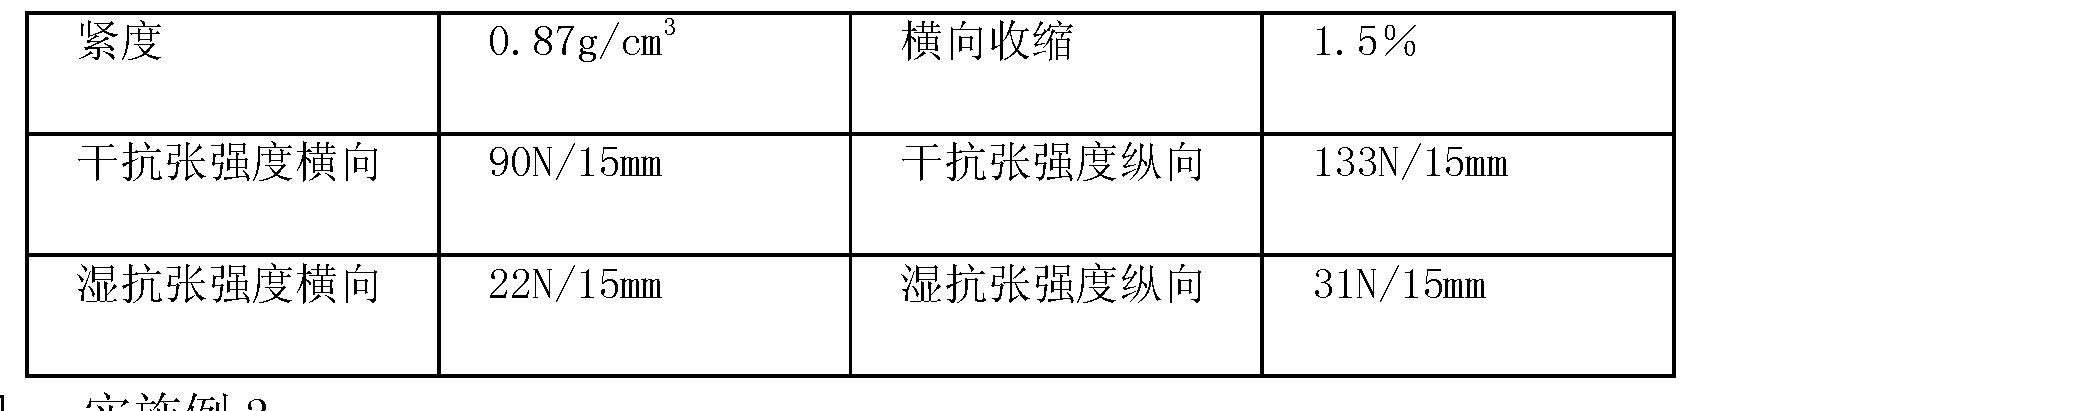 Figure CN101289824BD00062